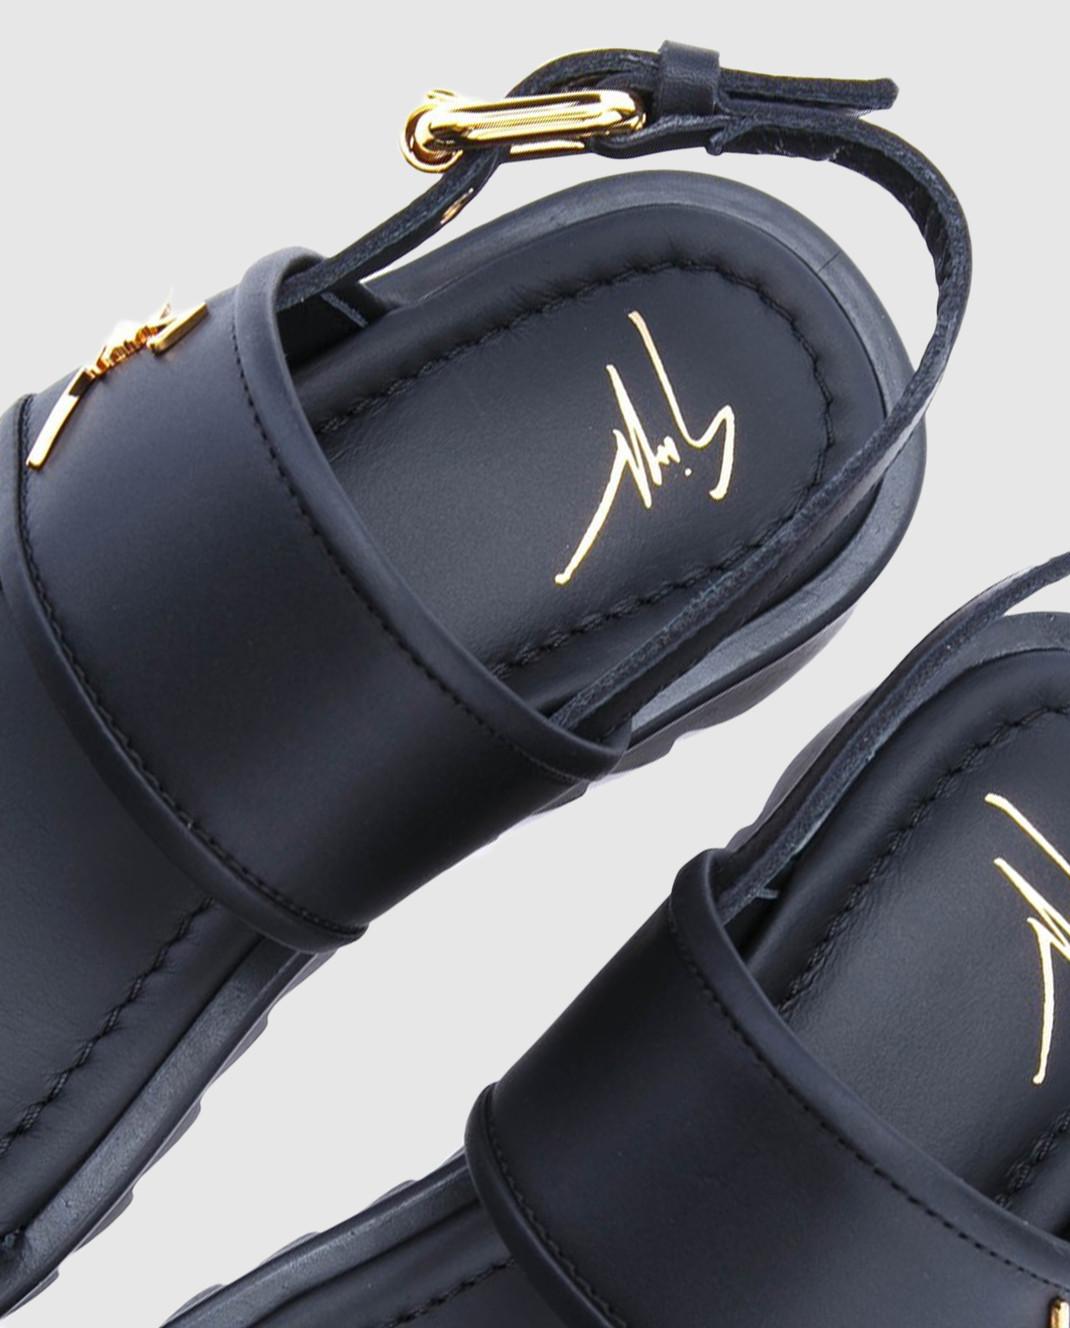 Giuseppe Zanotti Детские черные кожаные сандалии SBE8409001 изображение 4